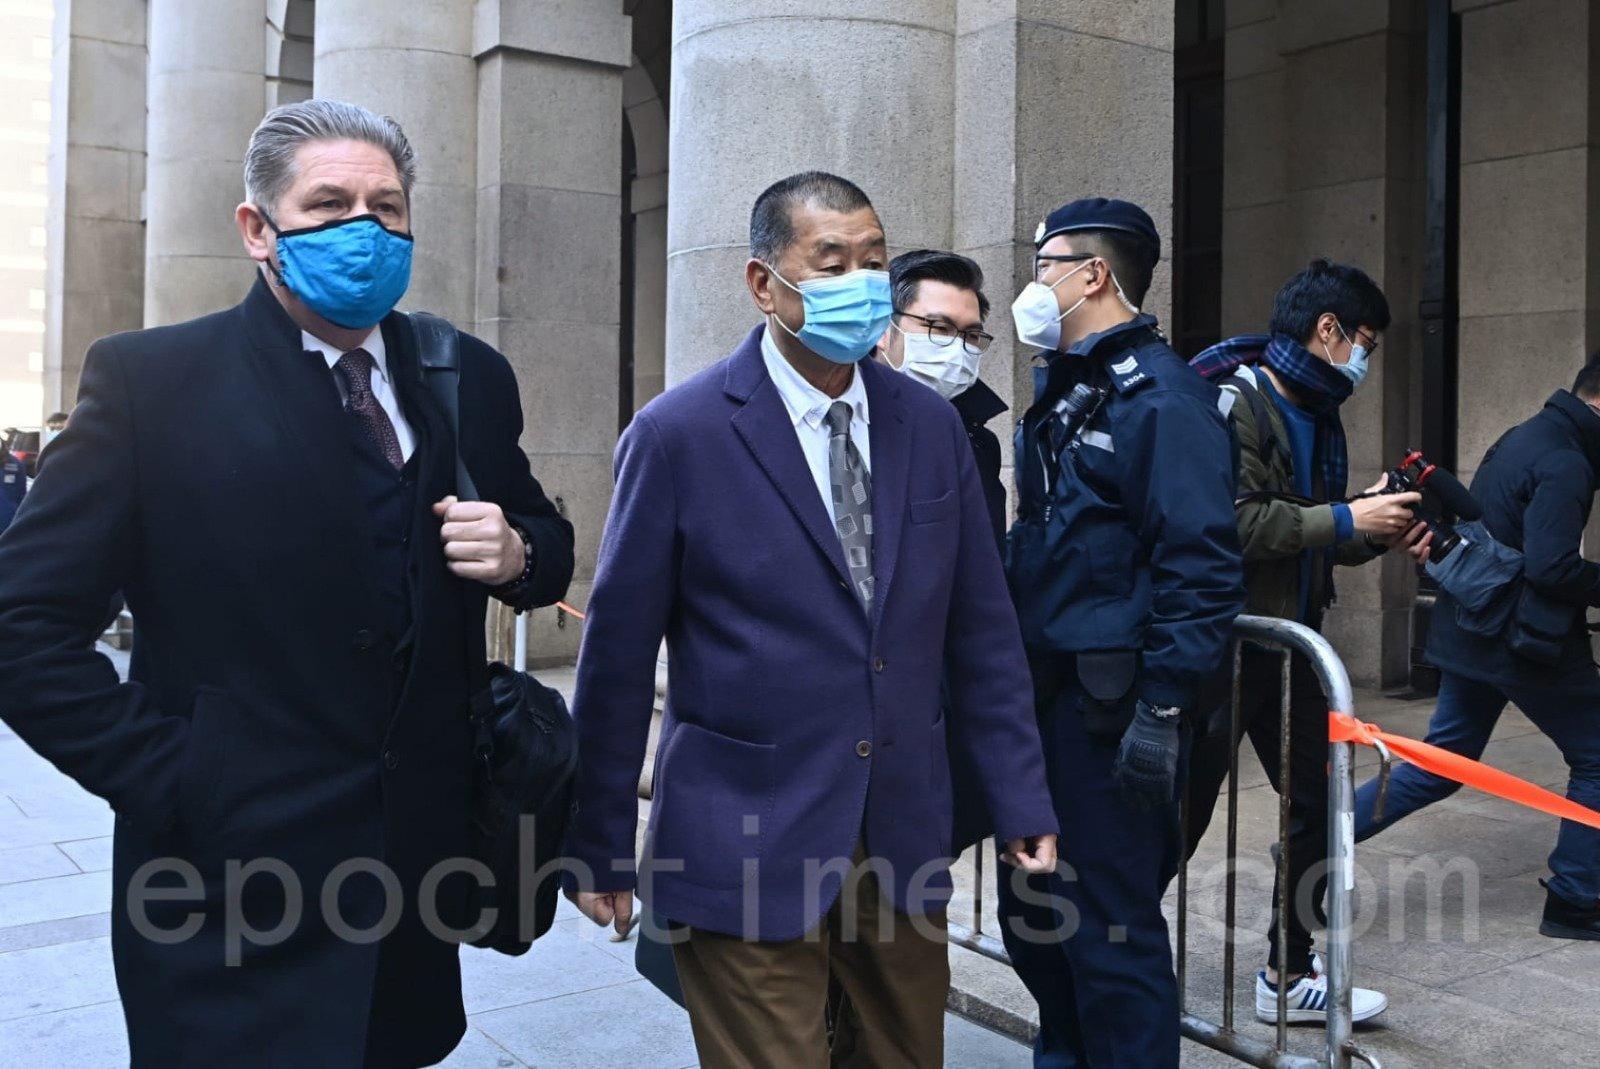 香港終審法院受理律政司上訴申請,黎智英須繼續還押直至明年2月1日終院正式聆訊。(宋碧龍/大紀元)